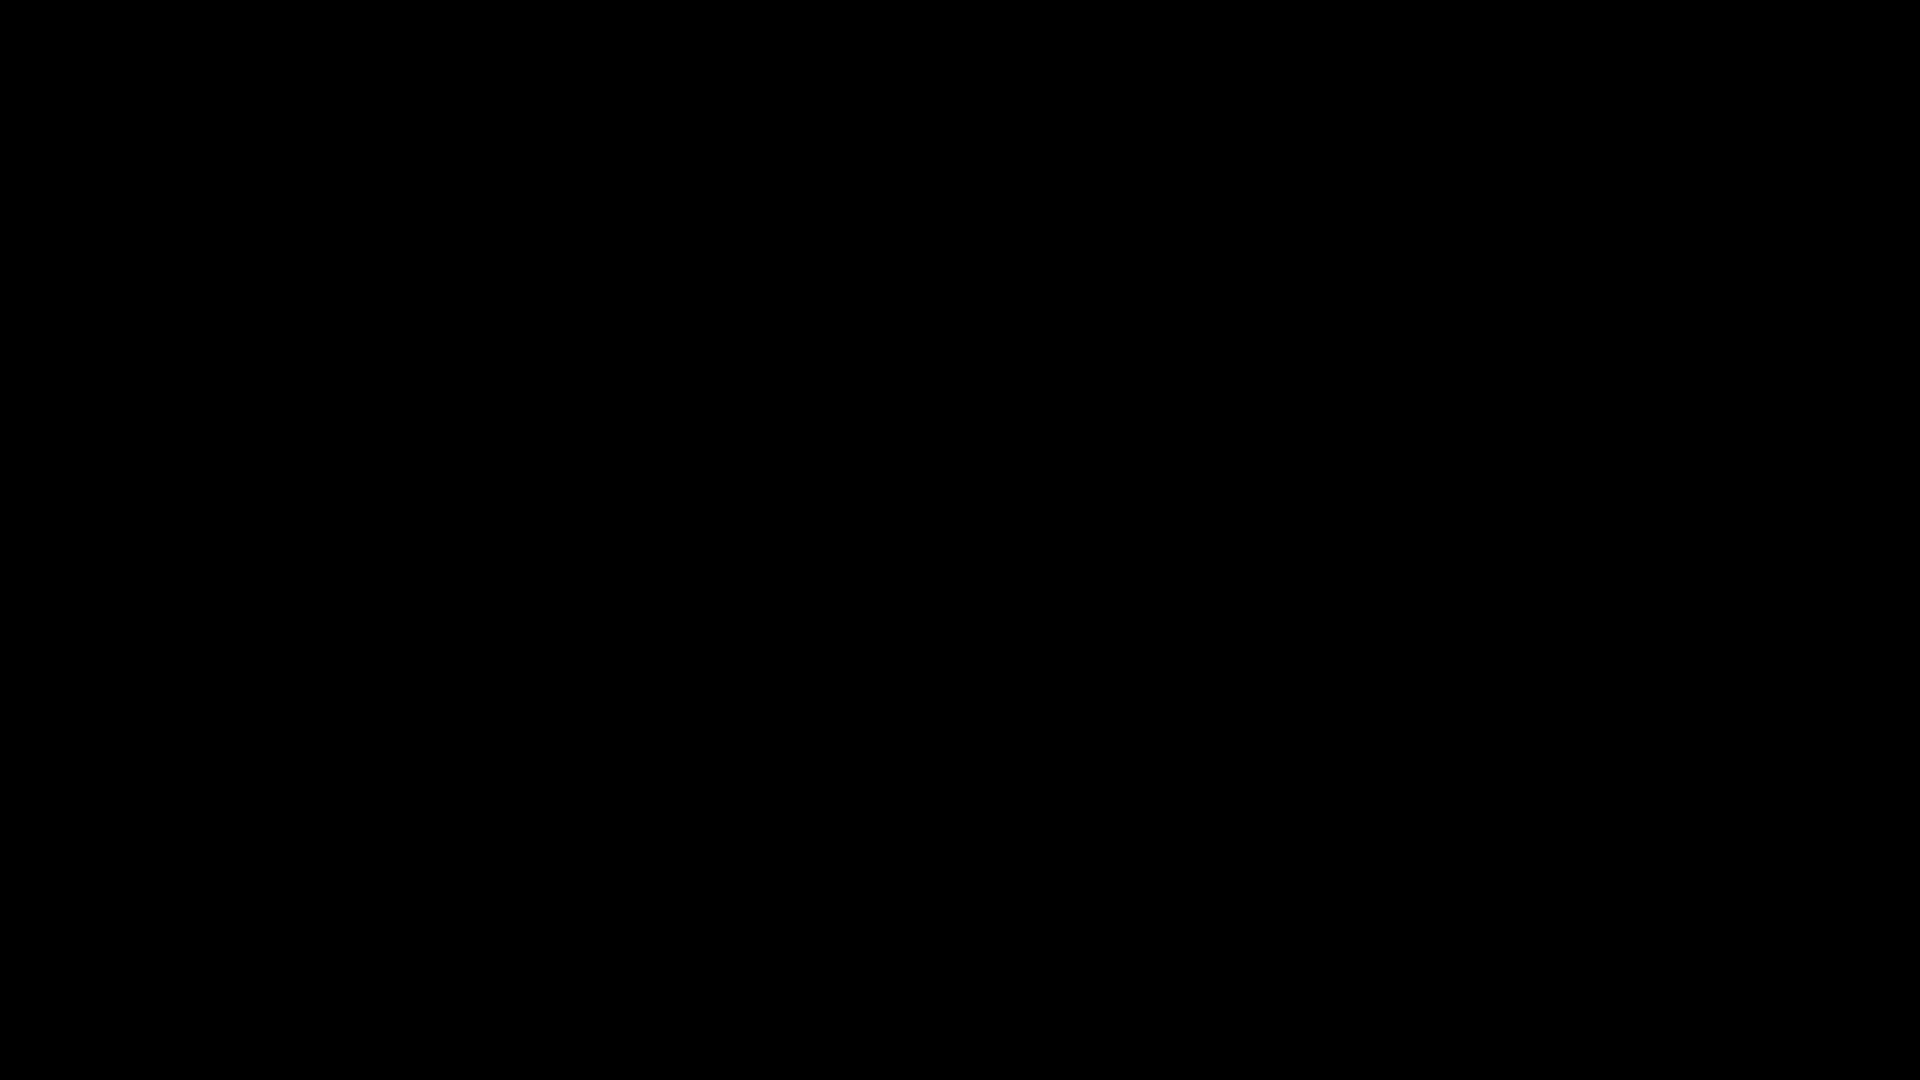 40mm 4 kleuren kunstgras gebruikt kunstgras